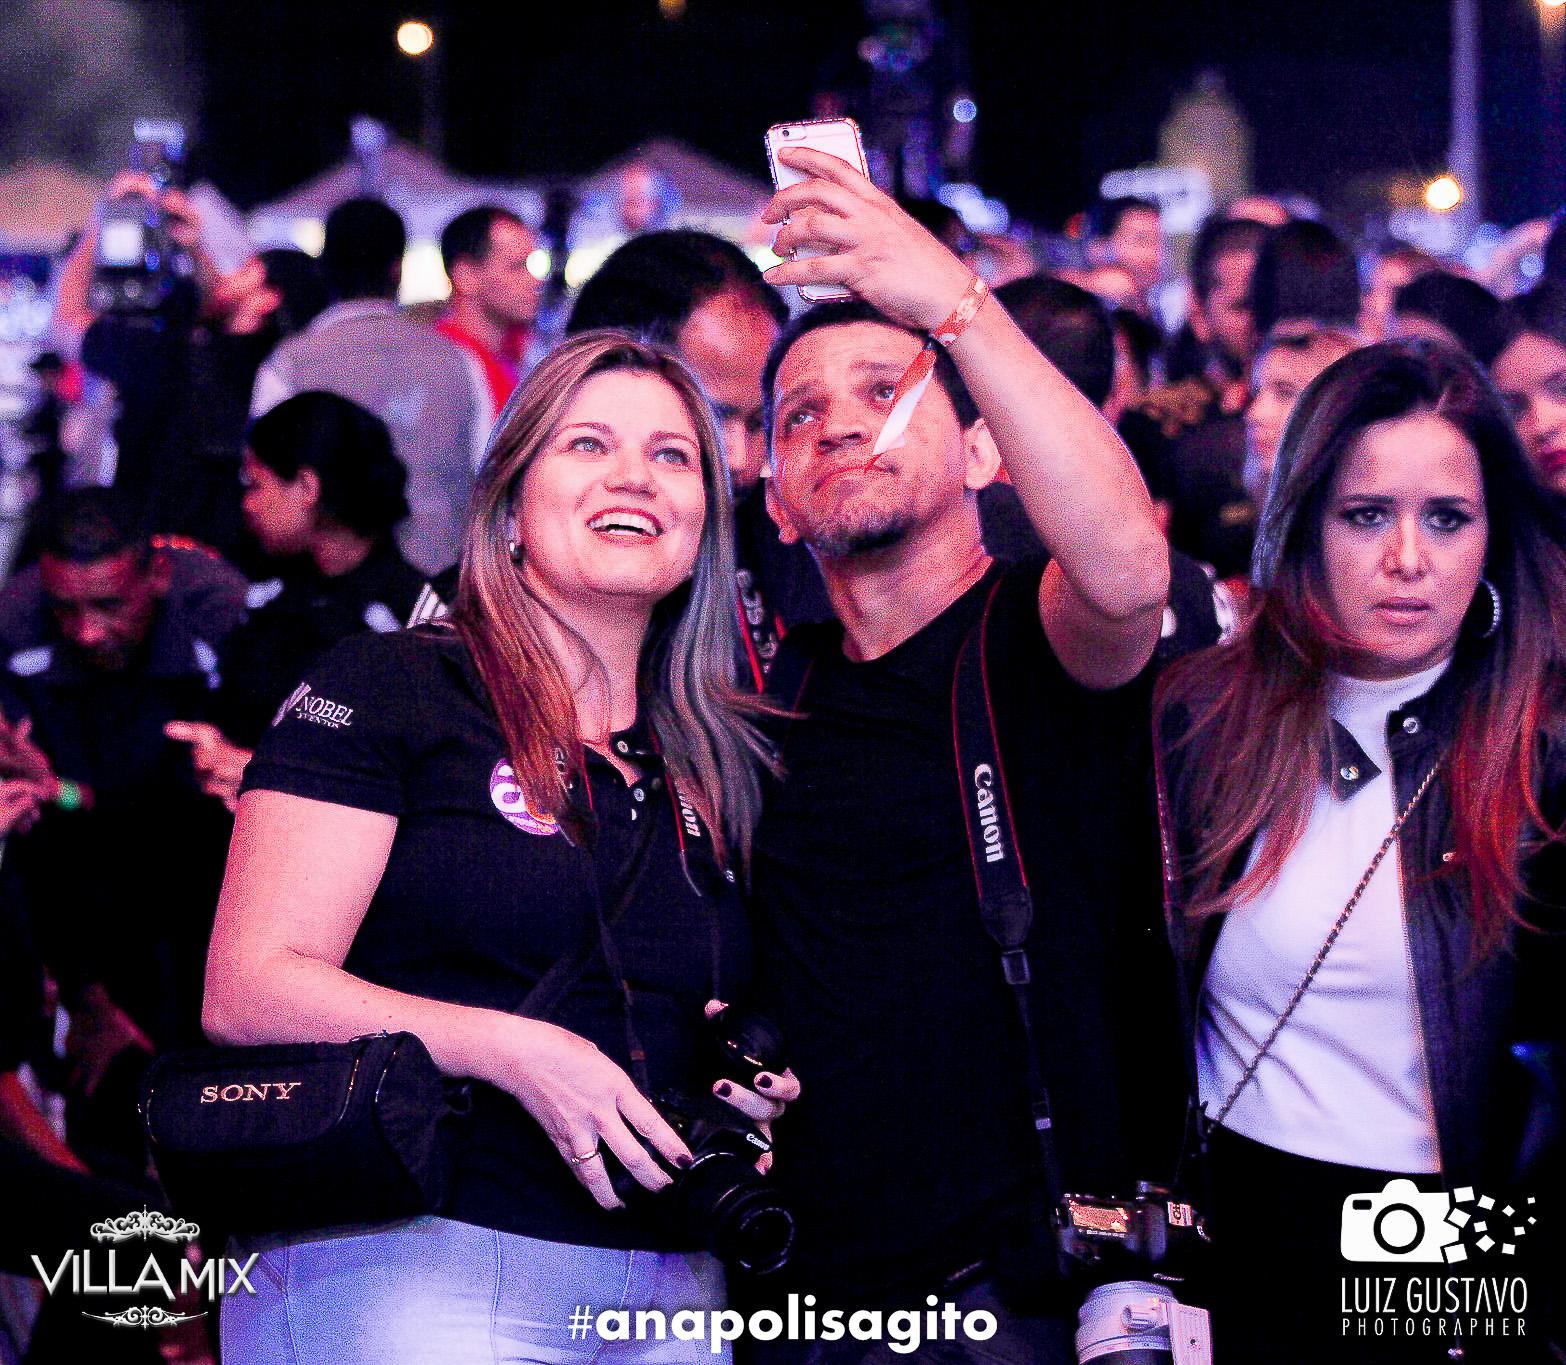 Luiz Gustavo Photographer (212 de 327)